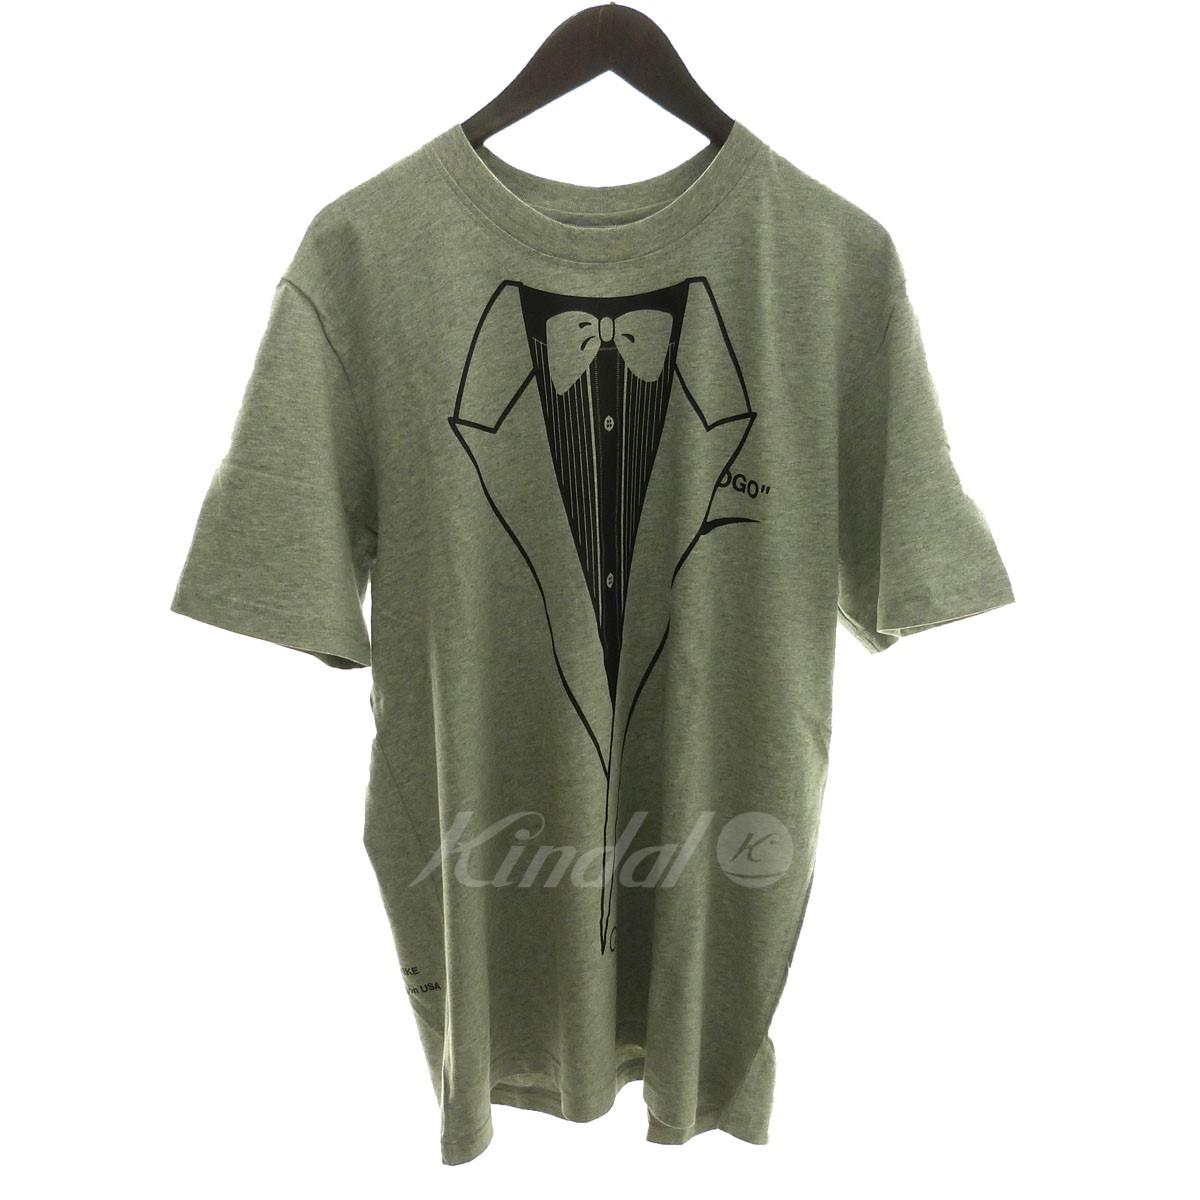 【中古】OFF WHITE×NIKE '18AW 「M NRG A6 TEE」プリントTシャツ グレー サイズ:L 【送料無料】 【231018】(オフホワイト ナイキ)